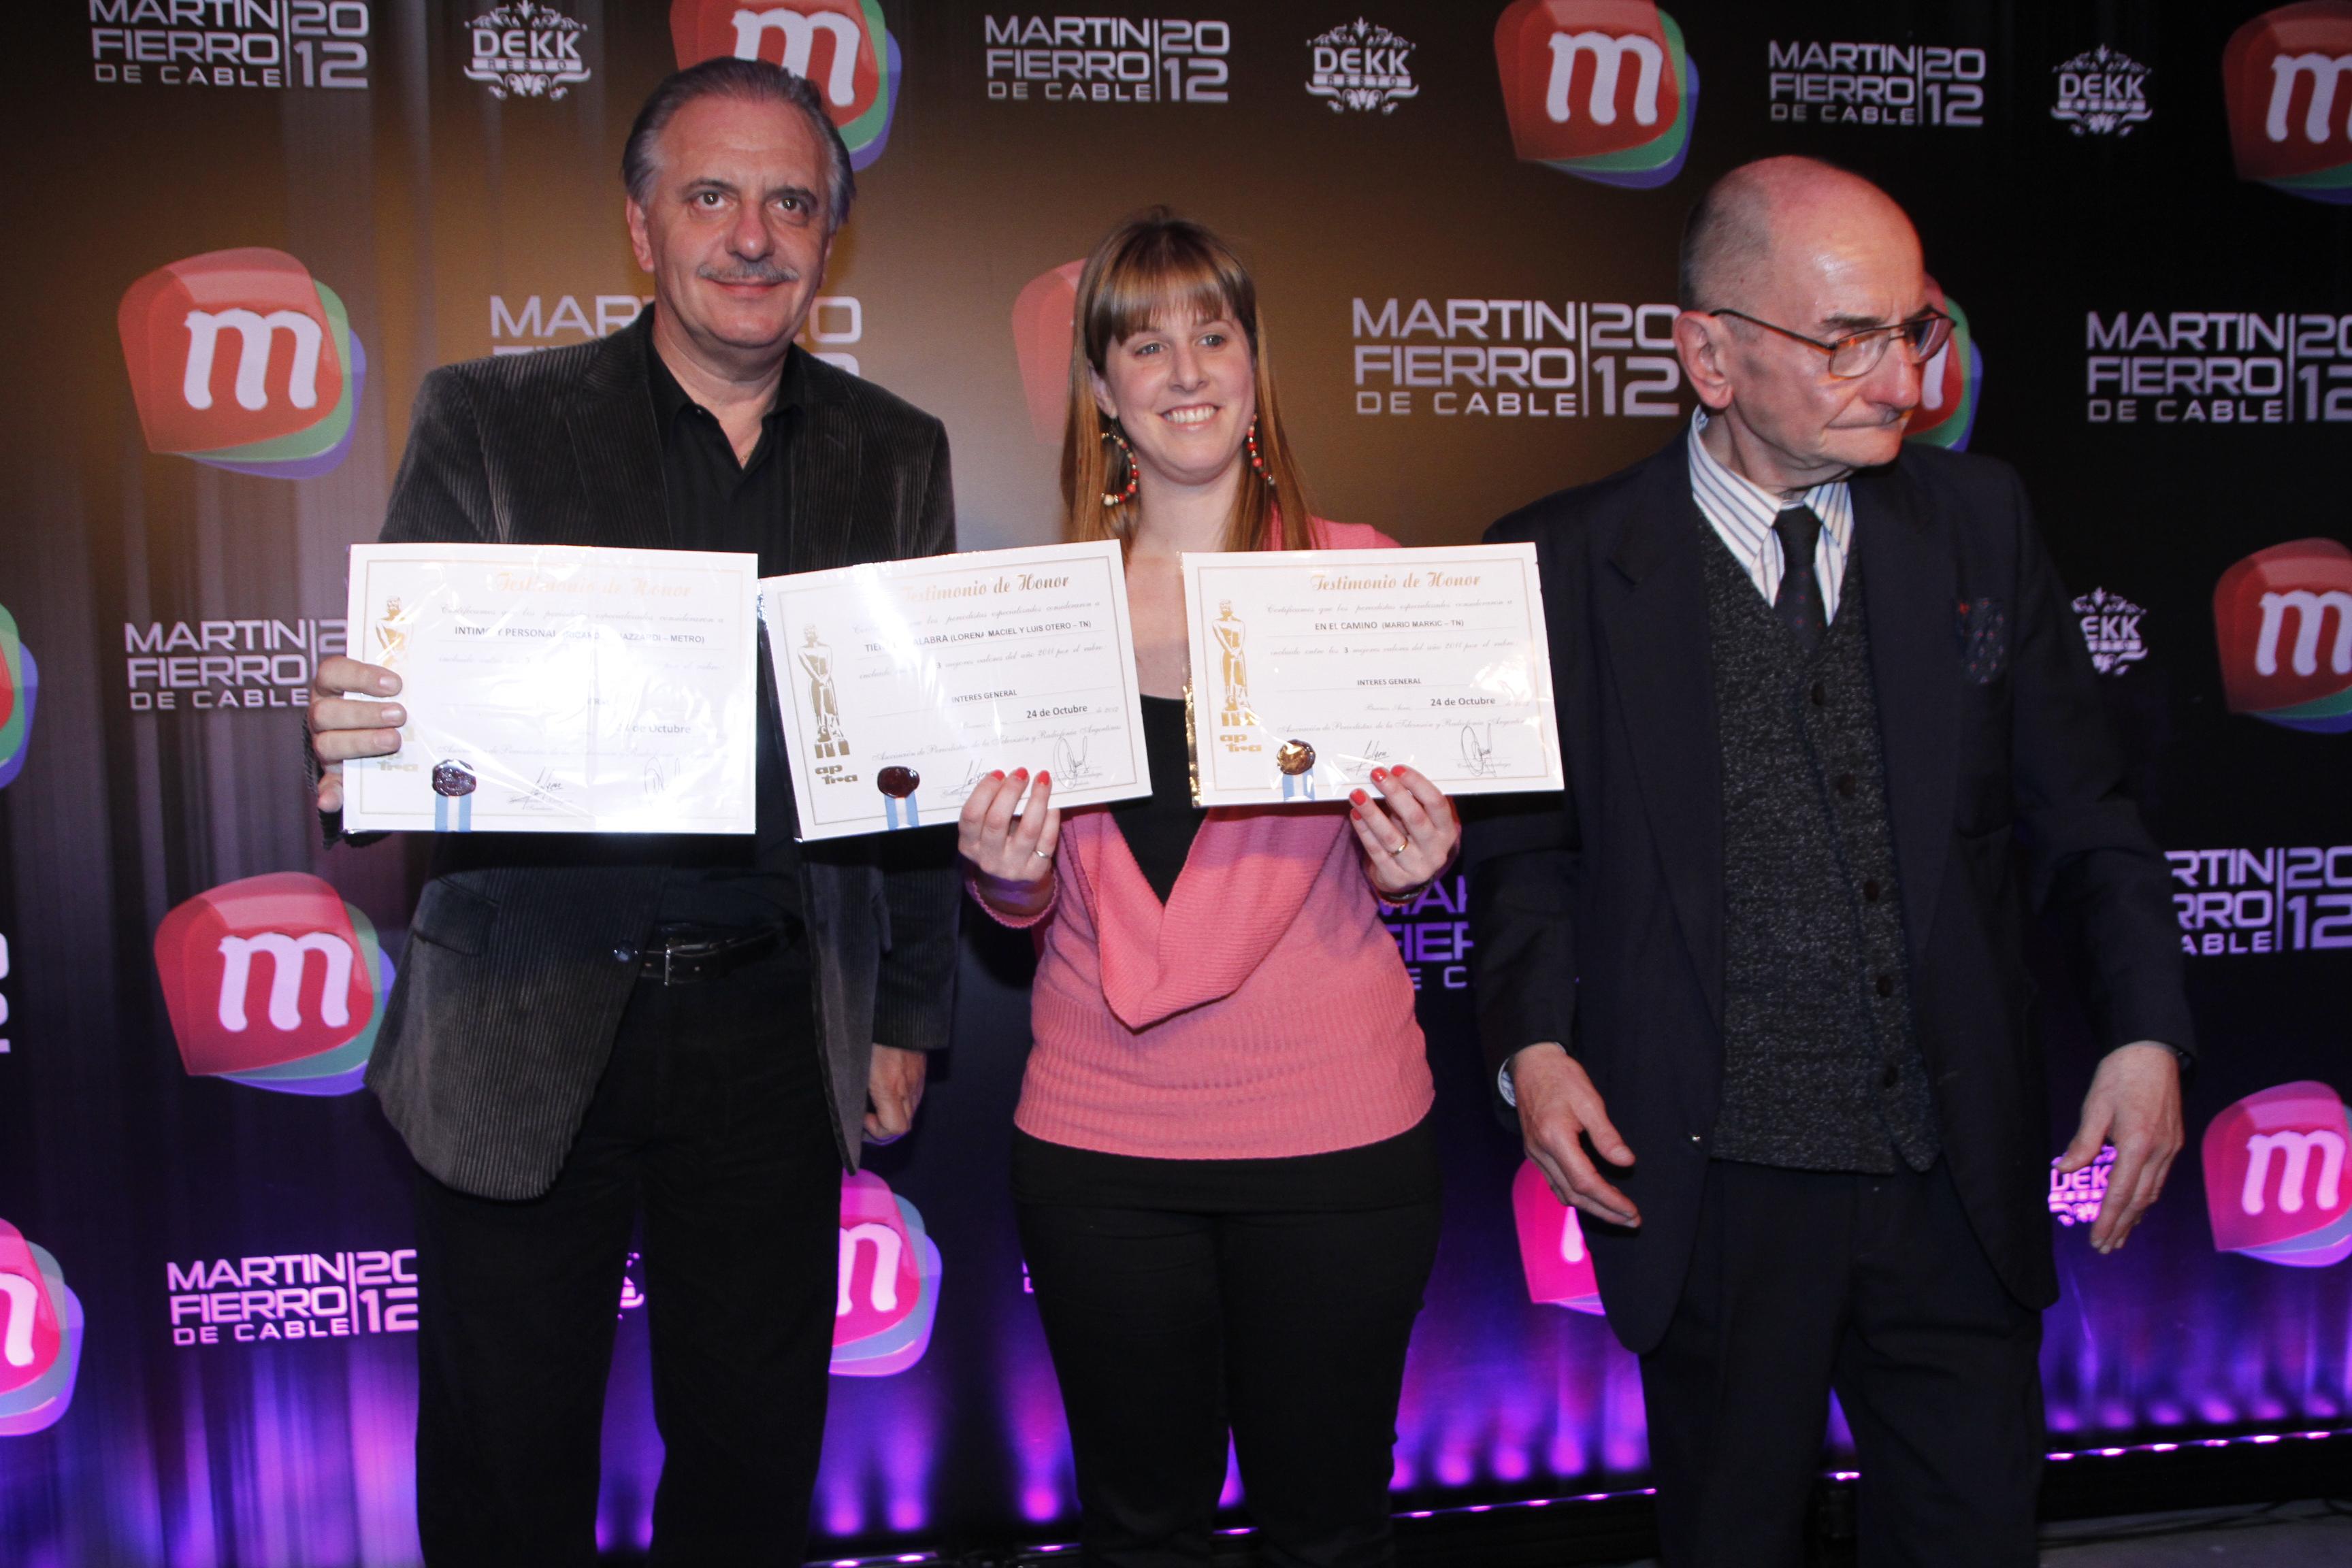 Se entregaron los diplomas del Martín Fierro del cable 2012